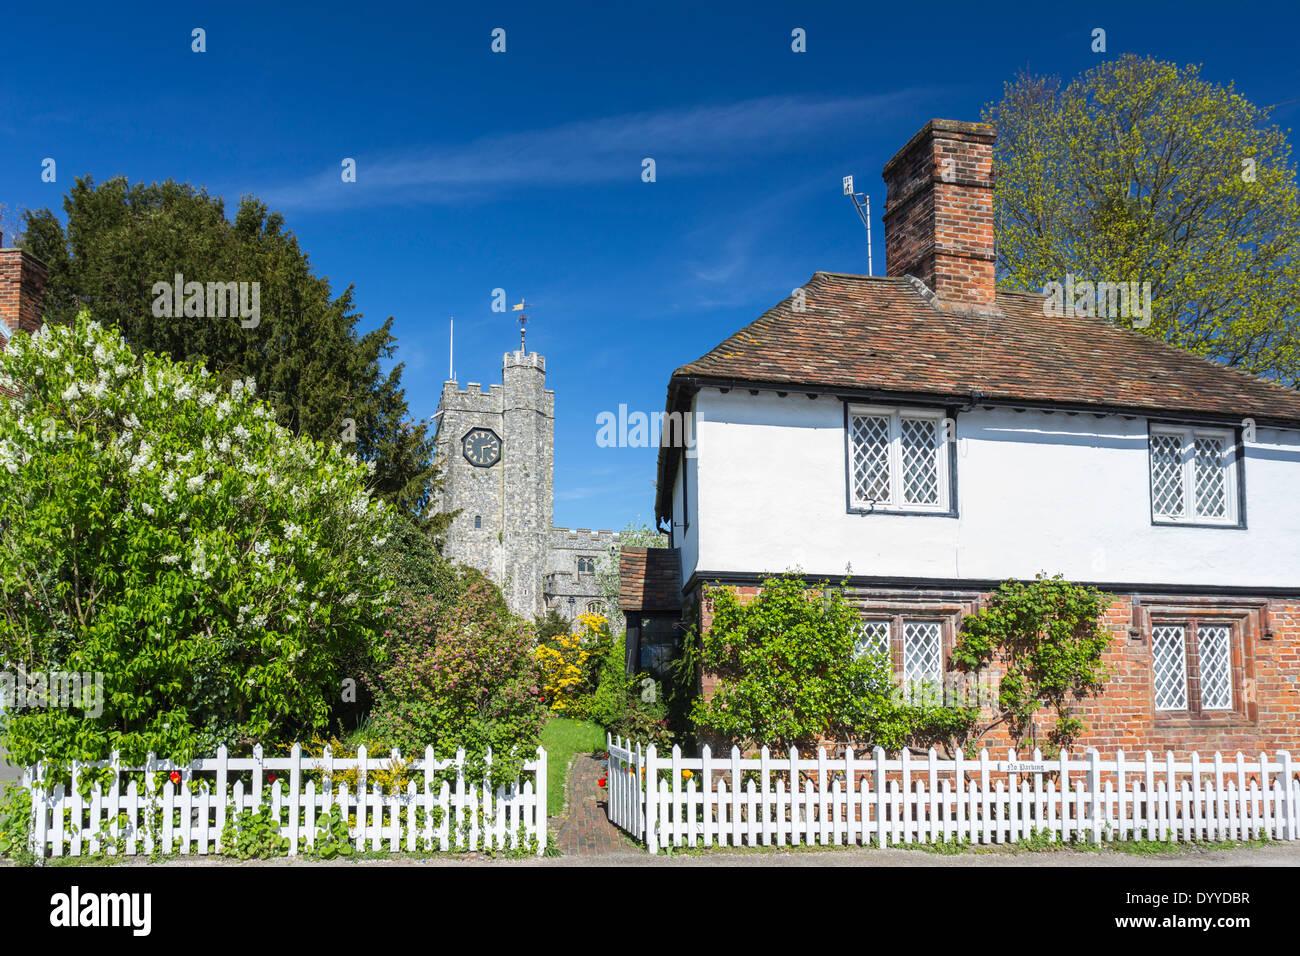 La place dans le joli village de Chilham Canterbury Kent nr Banque D'Images